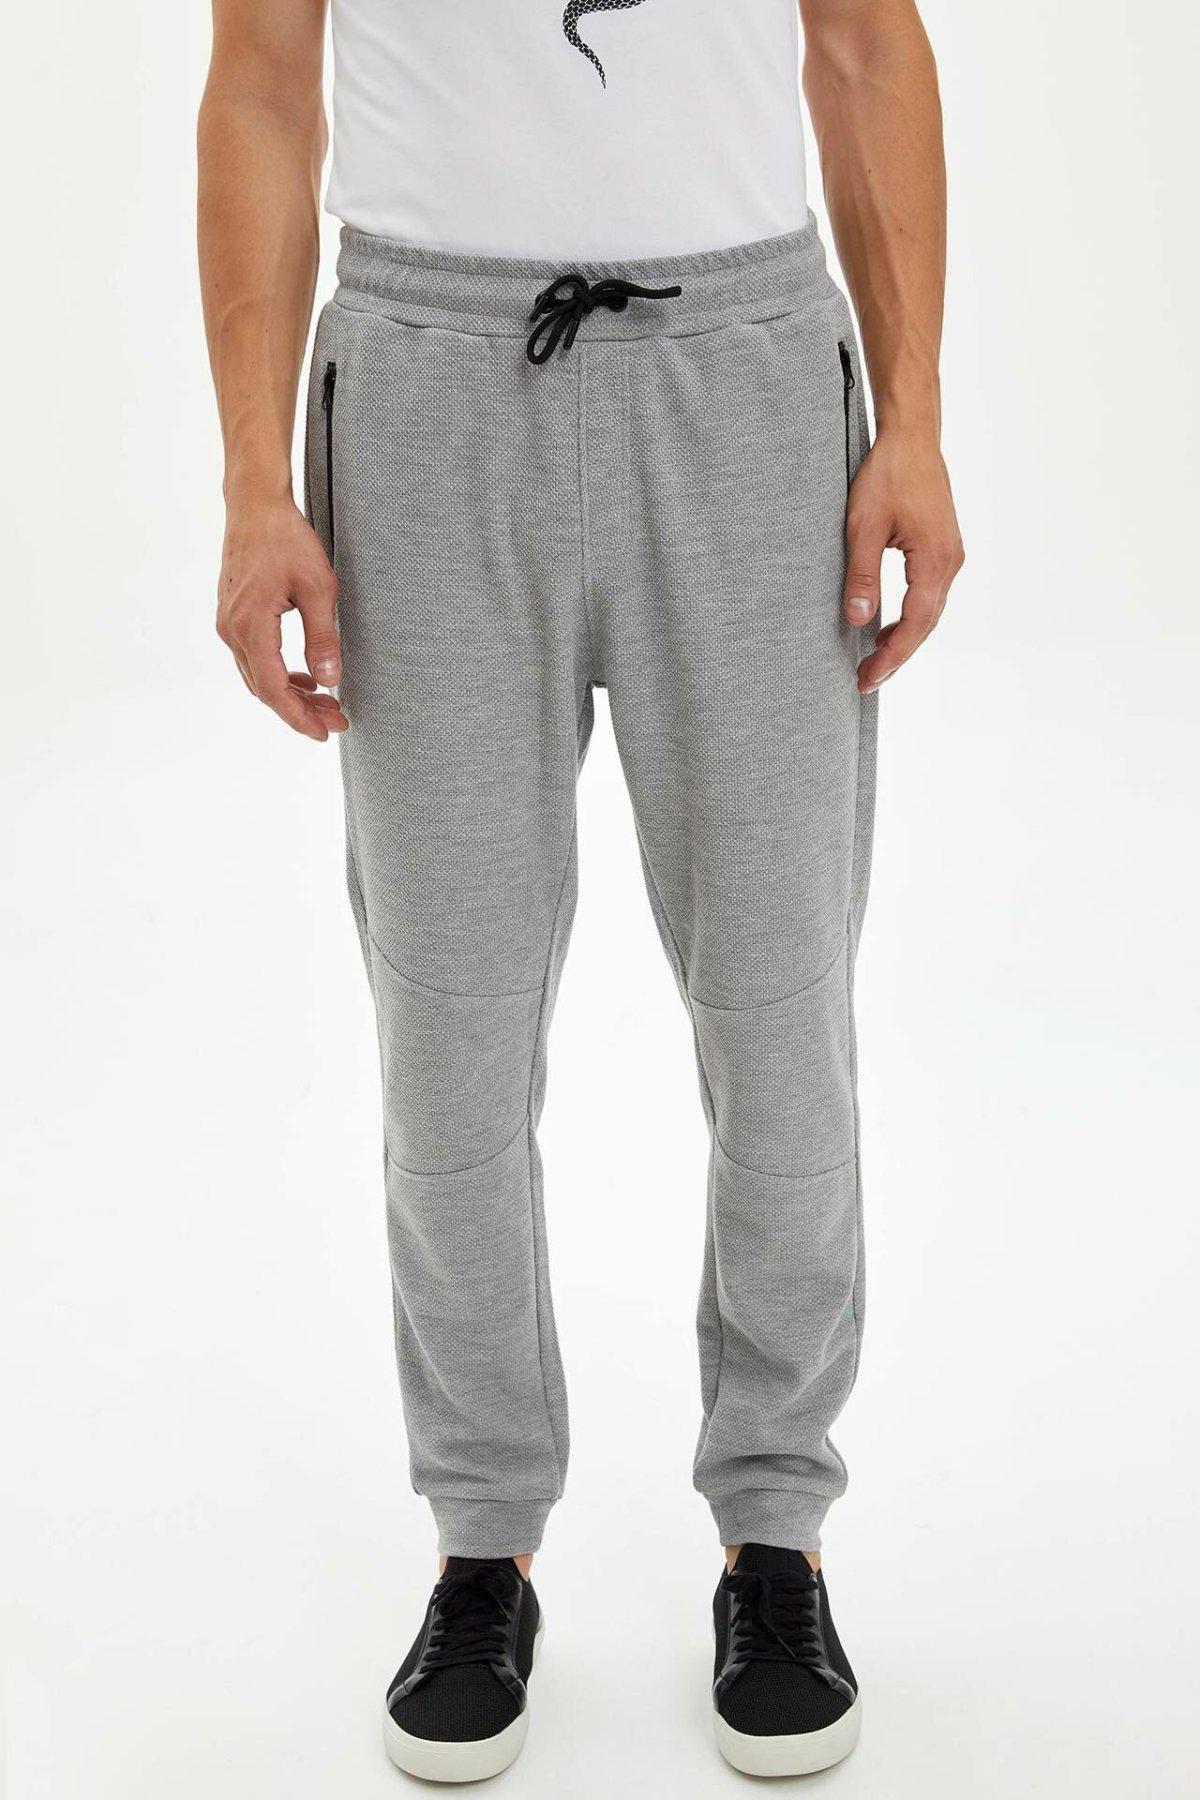 DeFacto Fashion Man Drawstring Waist Trousers Solid Male Sport Casual Long Pants For Men's Comfort Sportpants - L1793AZ19AU